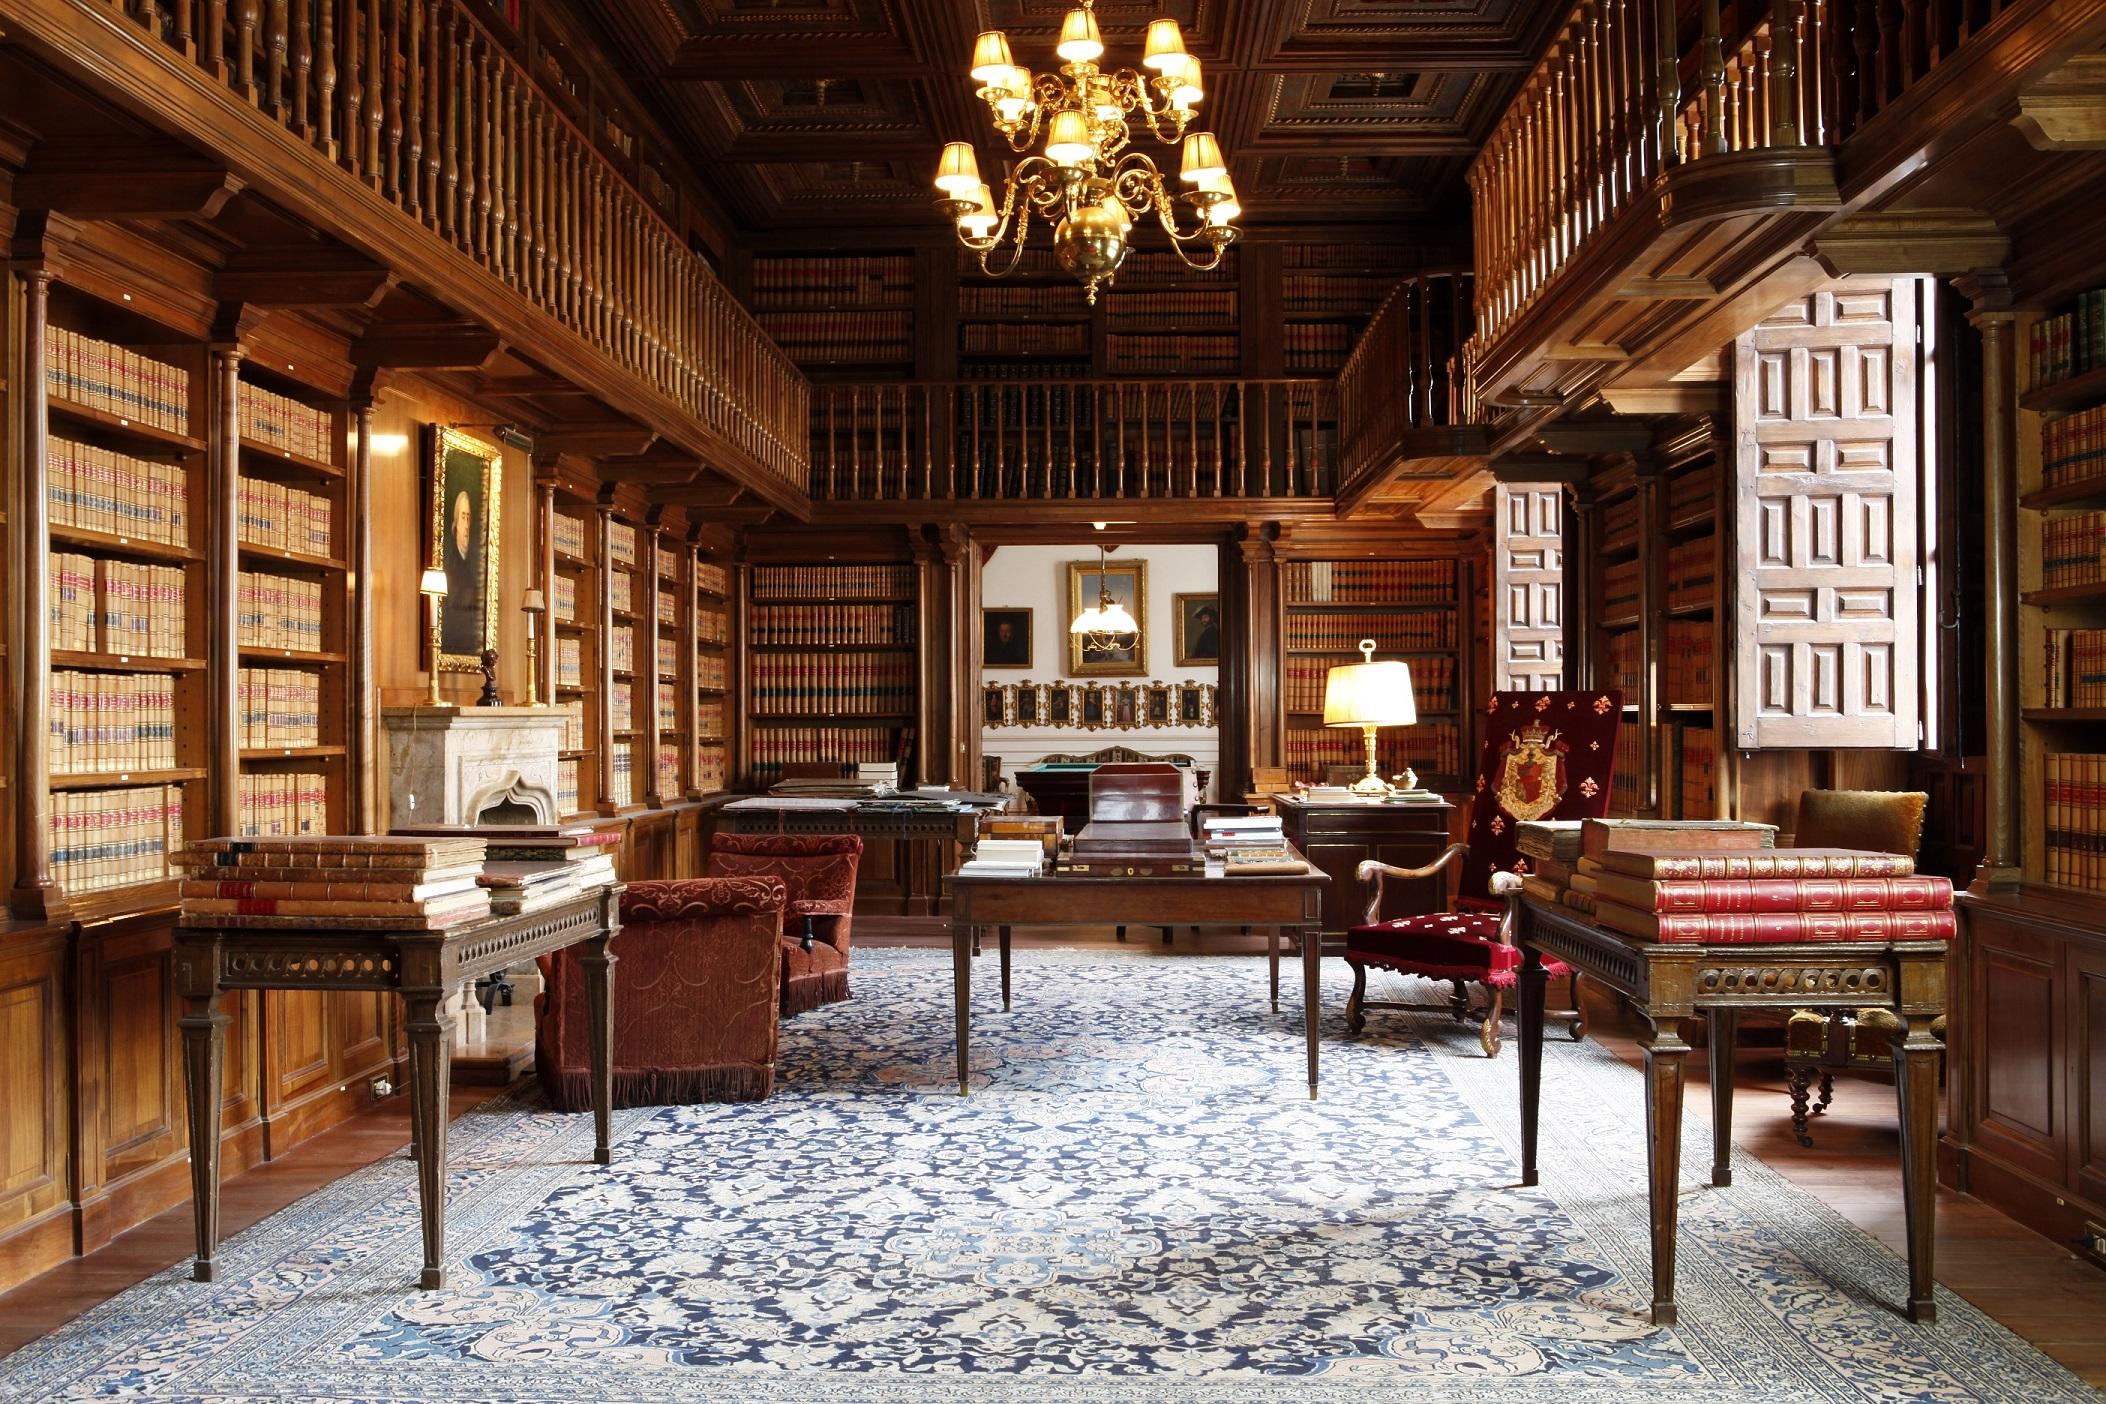 Palacio duques de villahermosa fotog m gross x palacio for Casa de los azulejos villahermosa